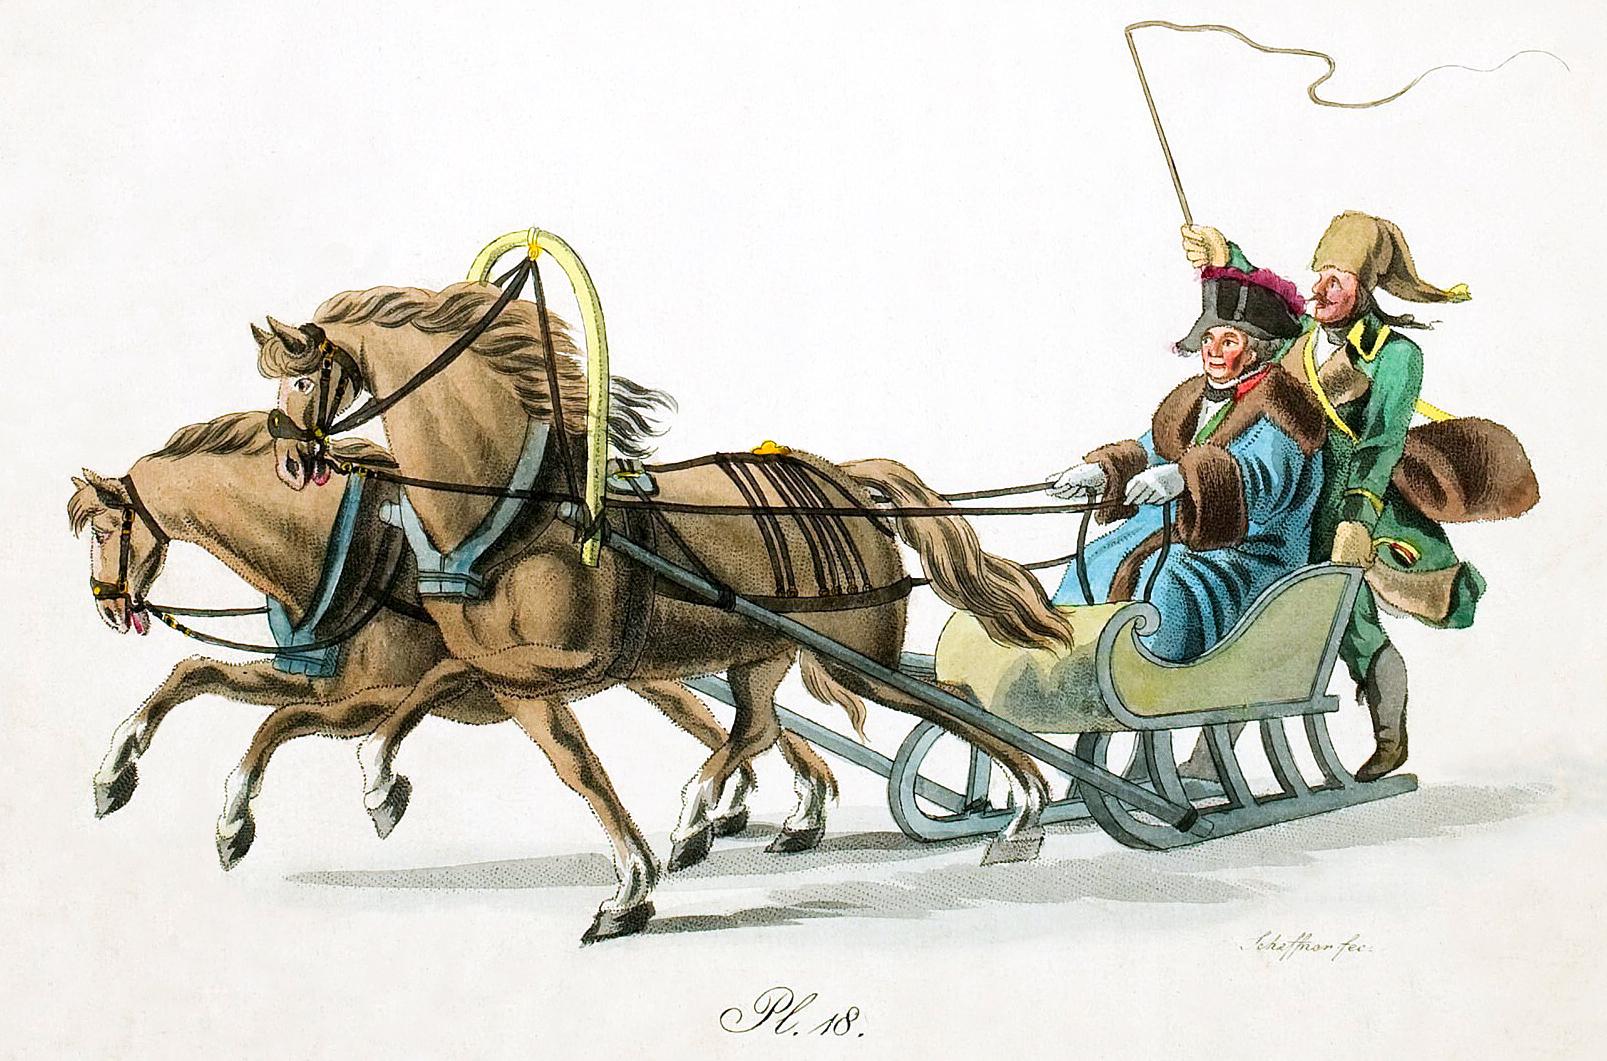 18. Pferden gezogenen Schlittens mit Fahrgast und Kutscher / ���� � ���������� � �������